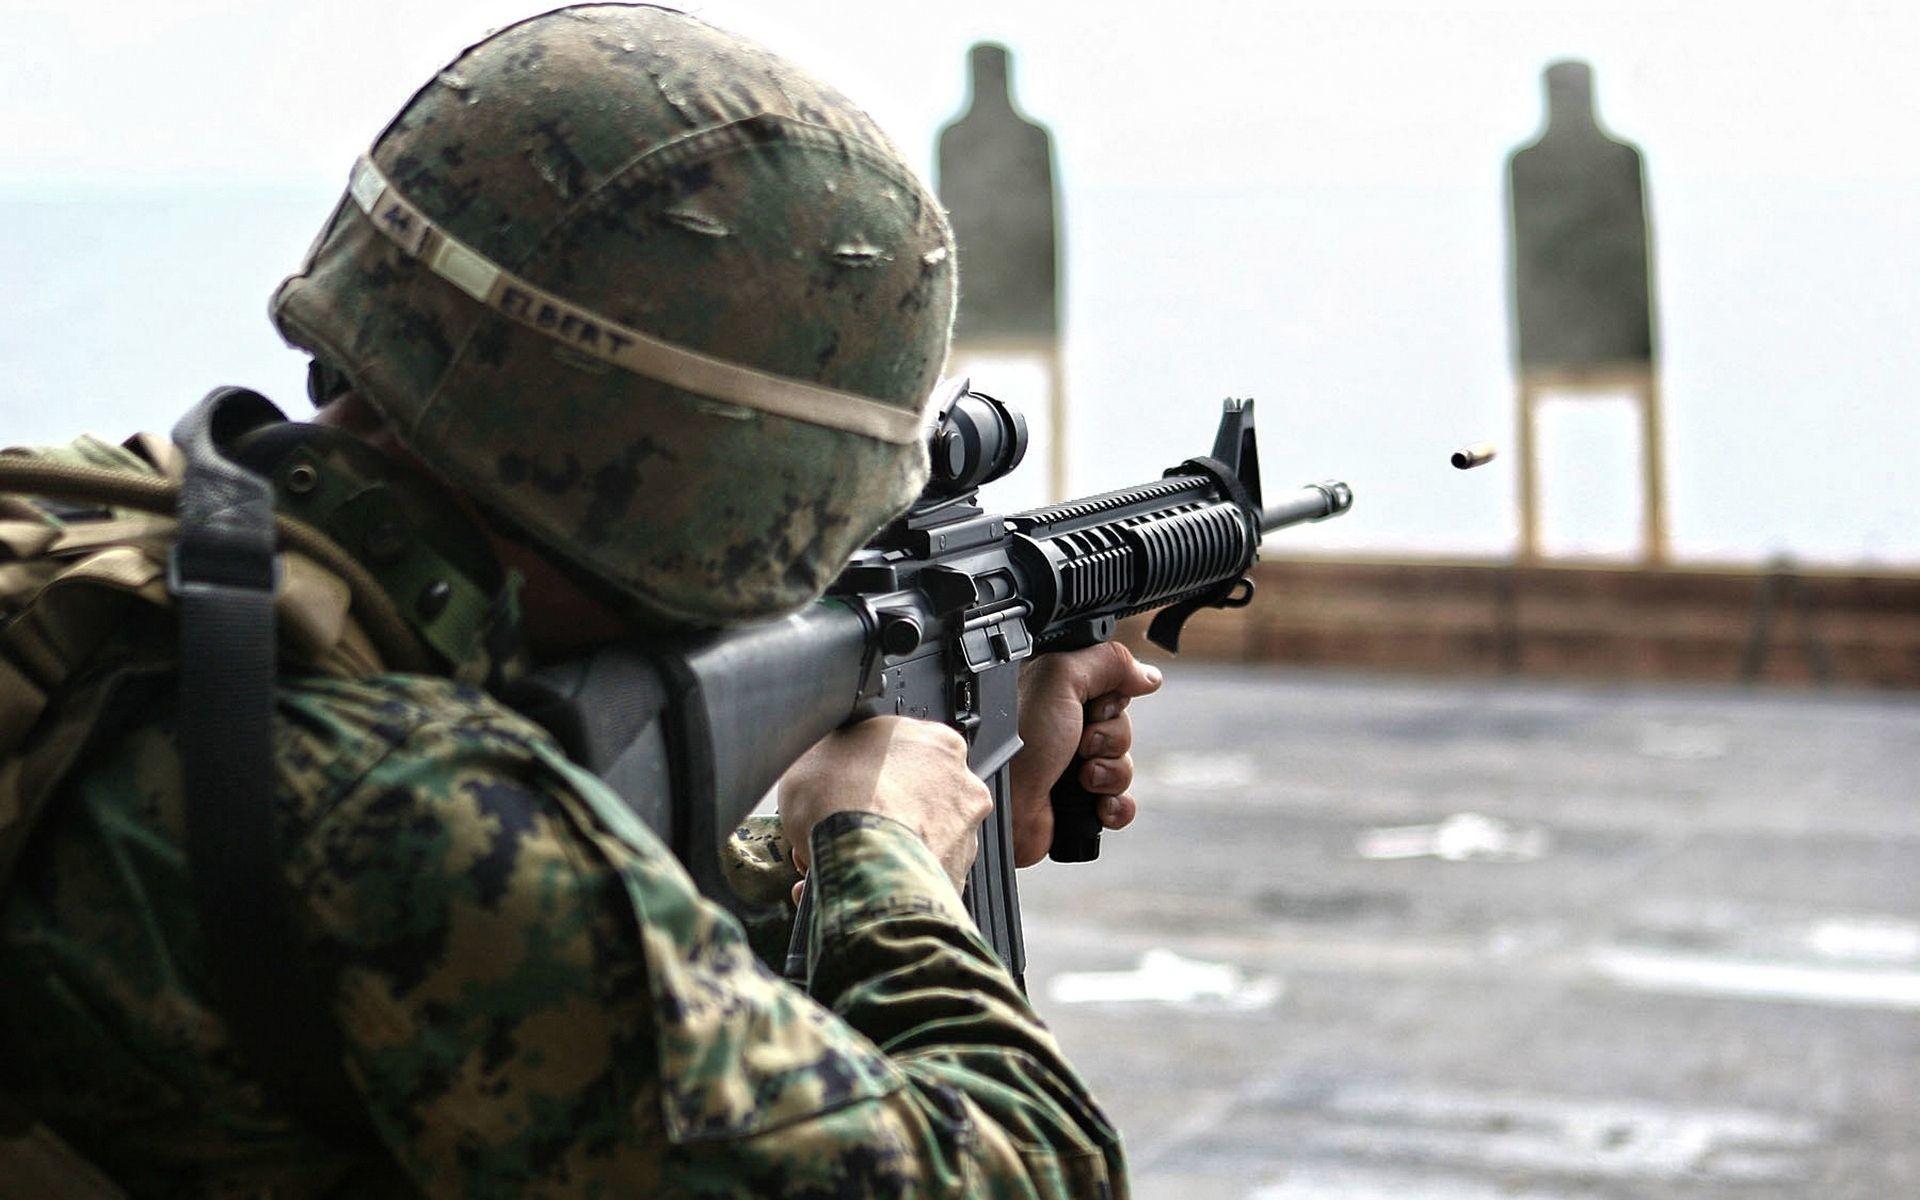 Res: 1920x1200, Marine Corps Desktop Wallpaper   ...  .smscs.com/photo/united_states_marine_corps_wallpaper_desktop/7.html